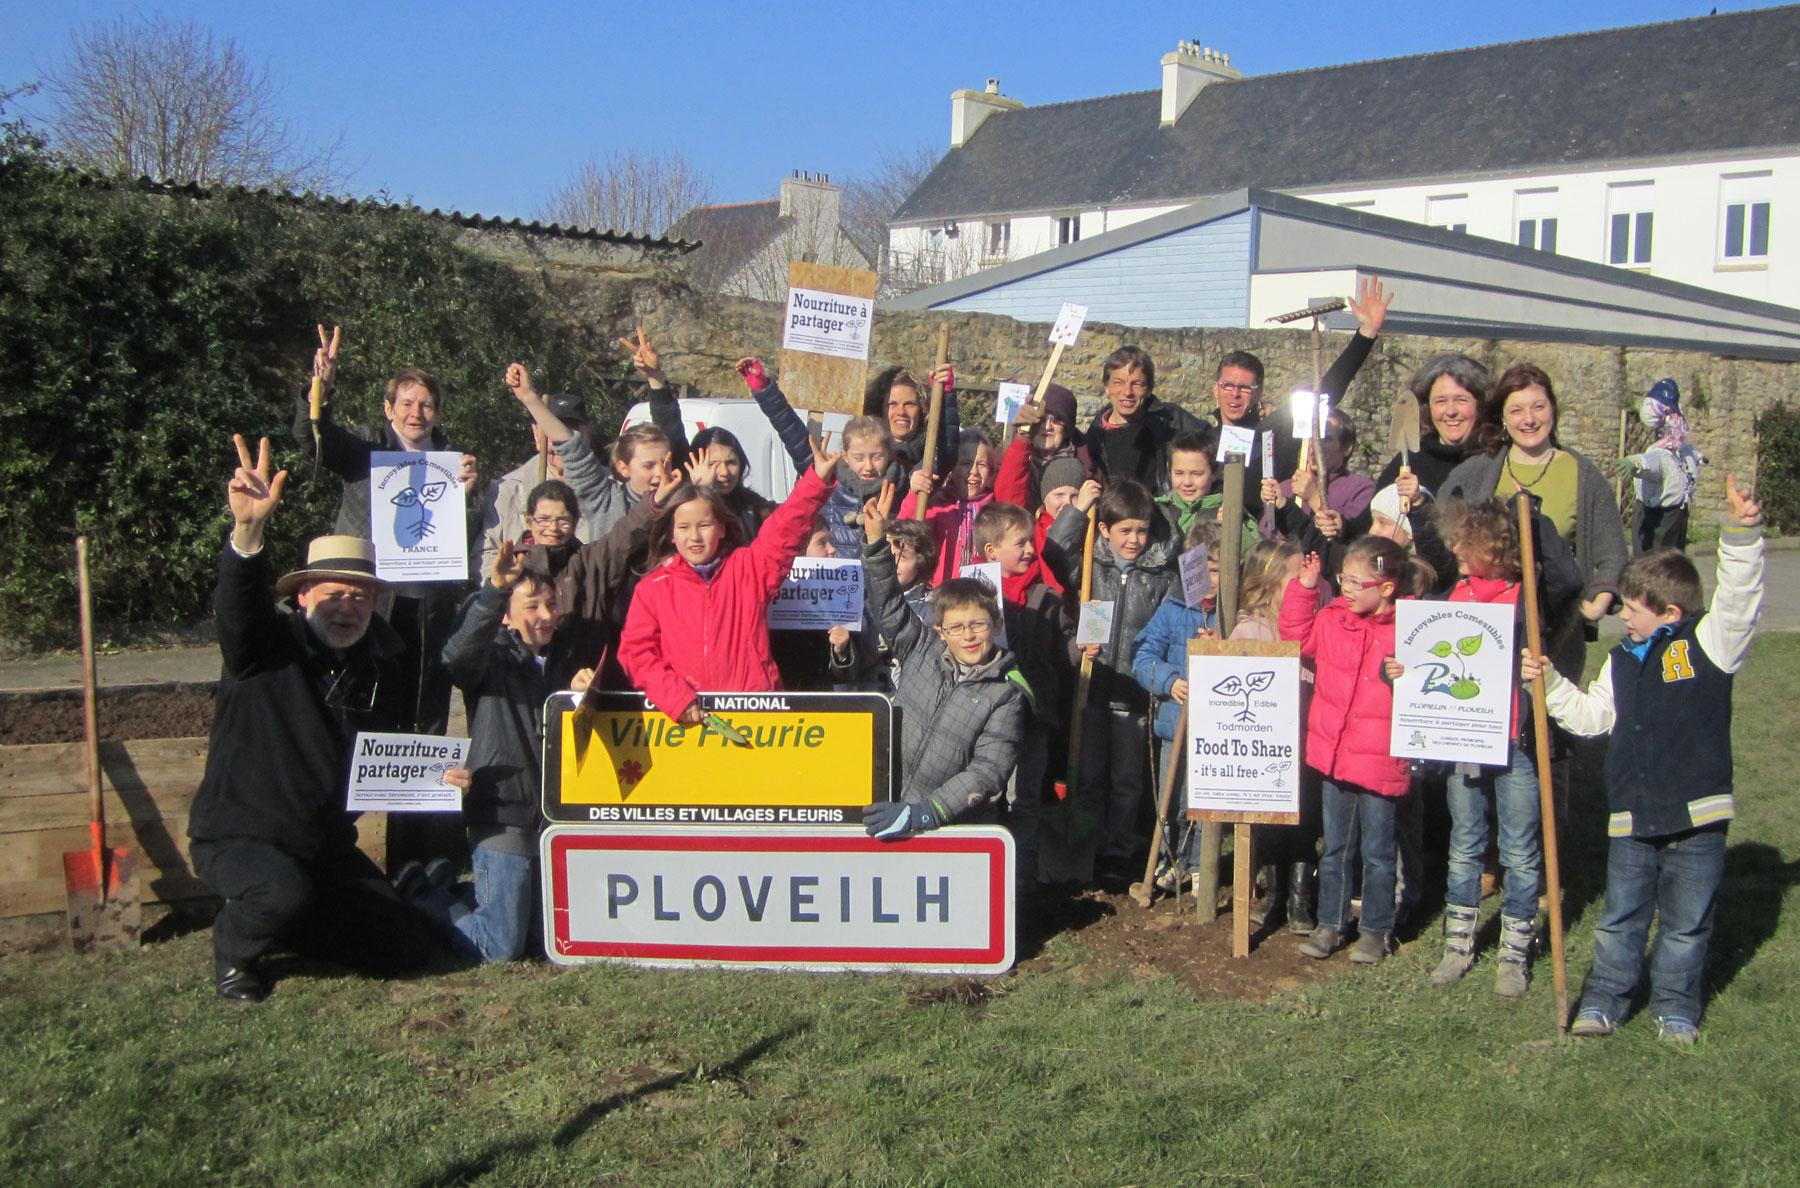 PLOVEILH